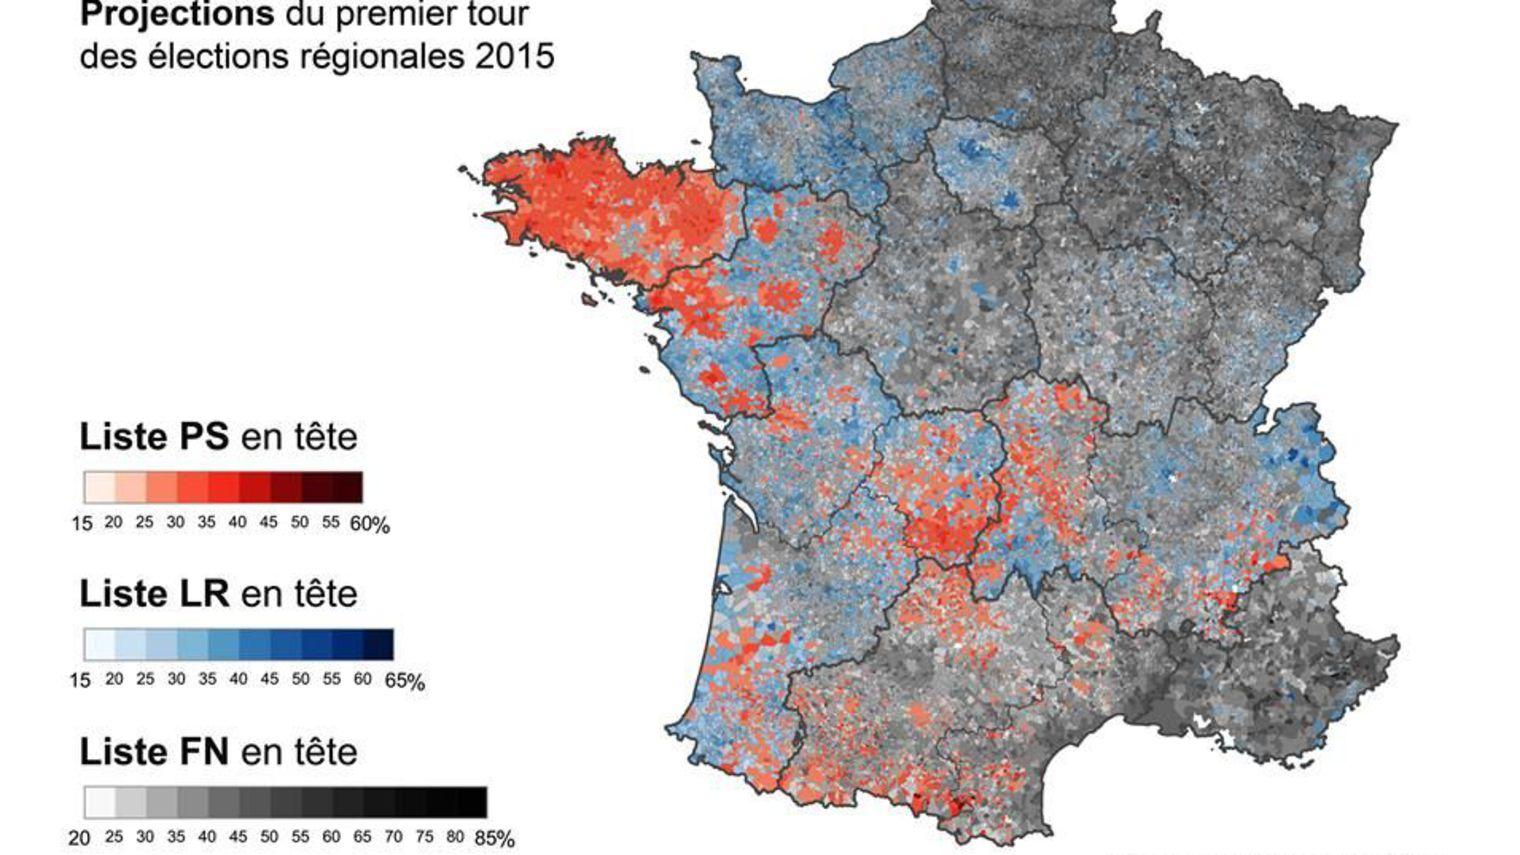 projection-des-intentions-de-vote-au-premier-tour-des-elections-regionales-en-noir-le-front-national_5476584